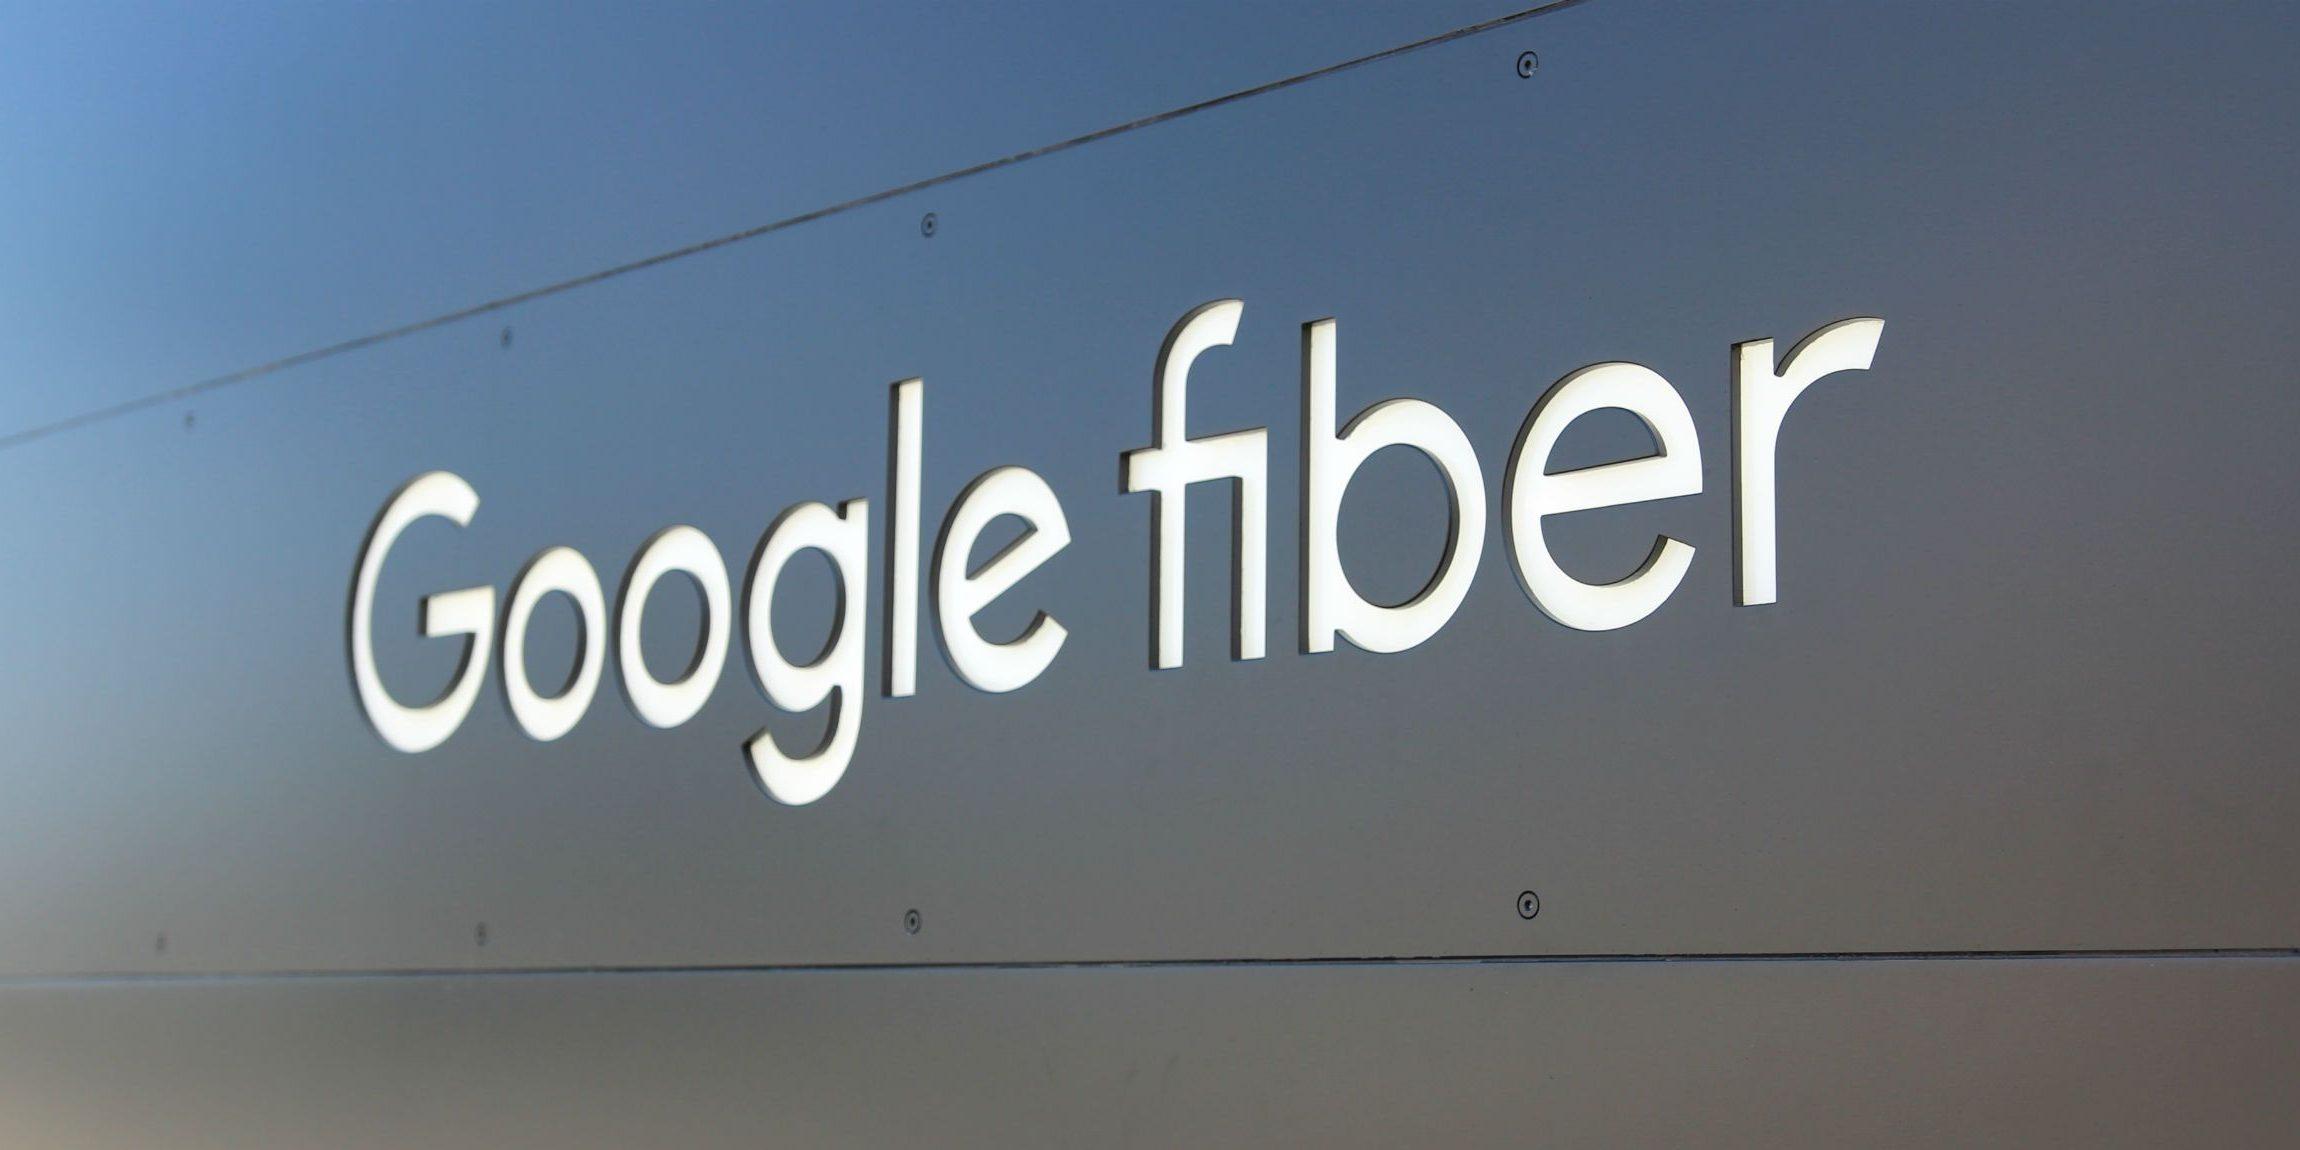 Google Fiber zieht sich nach zwei Jahren wegen schwerwiegender Netzwerkprobleme aus Louisville zurück